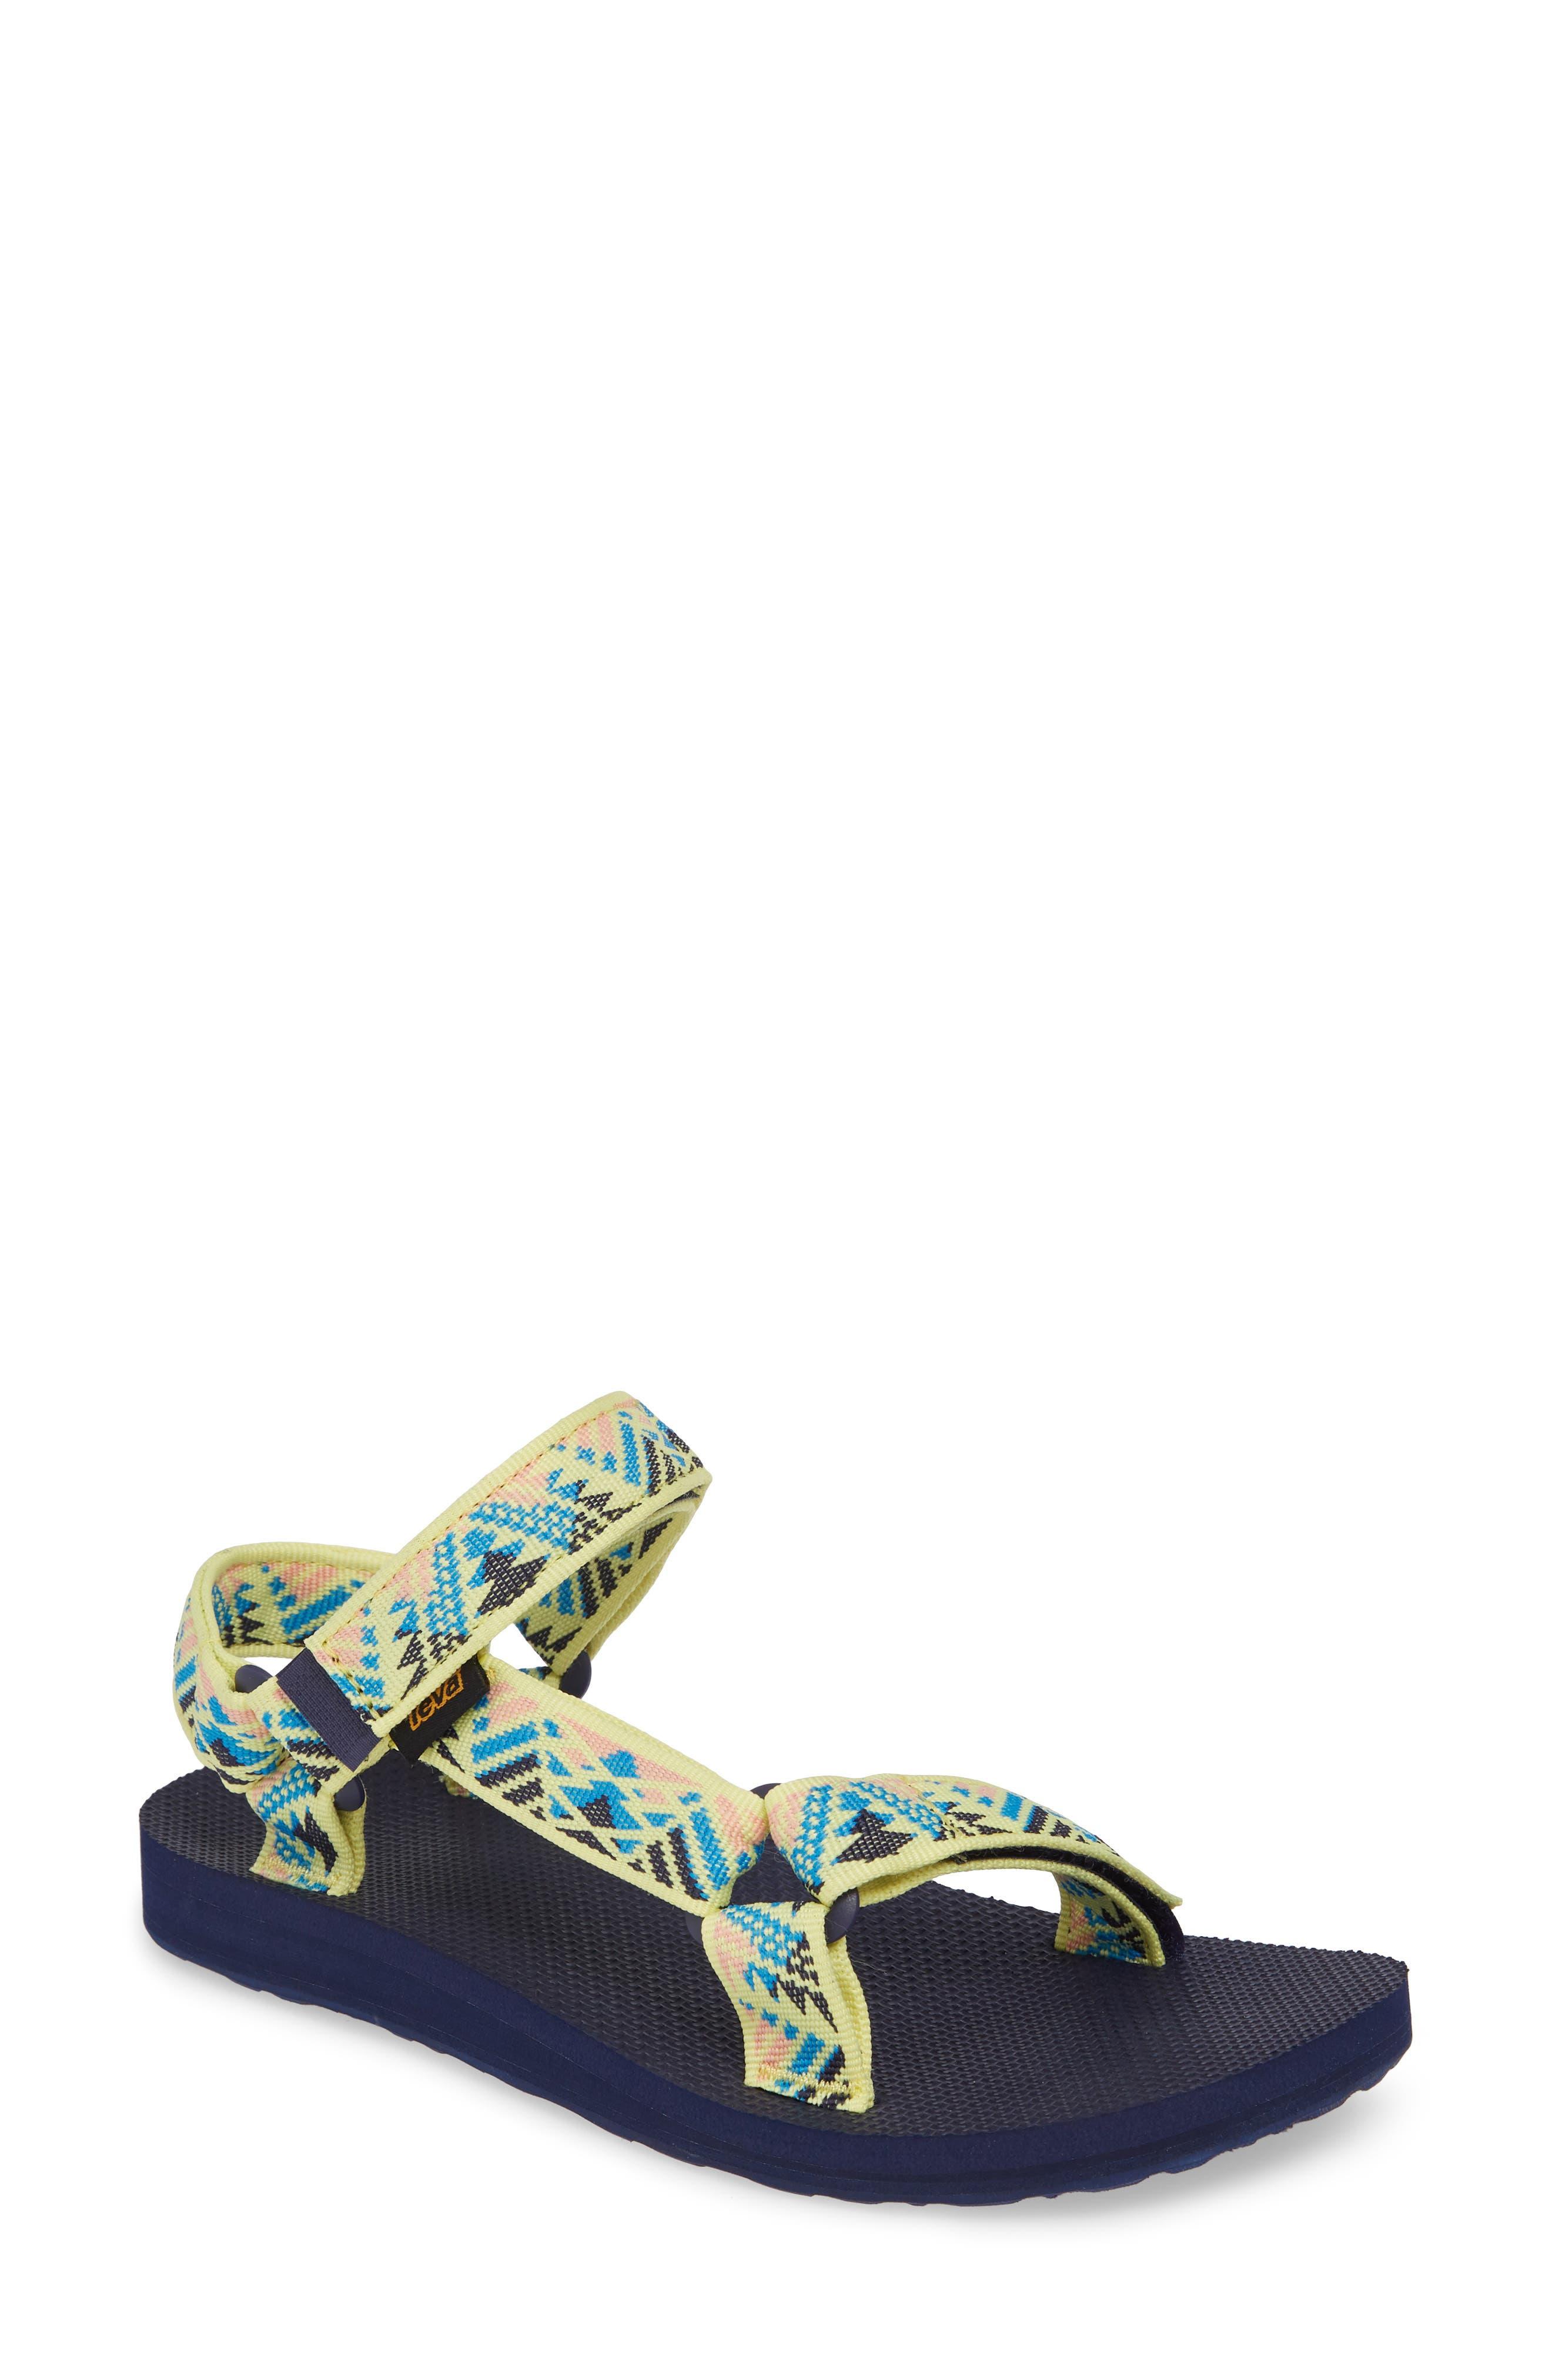 c2362fc39 Teva  Original Universal  Sandal